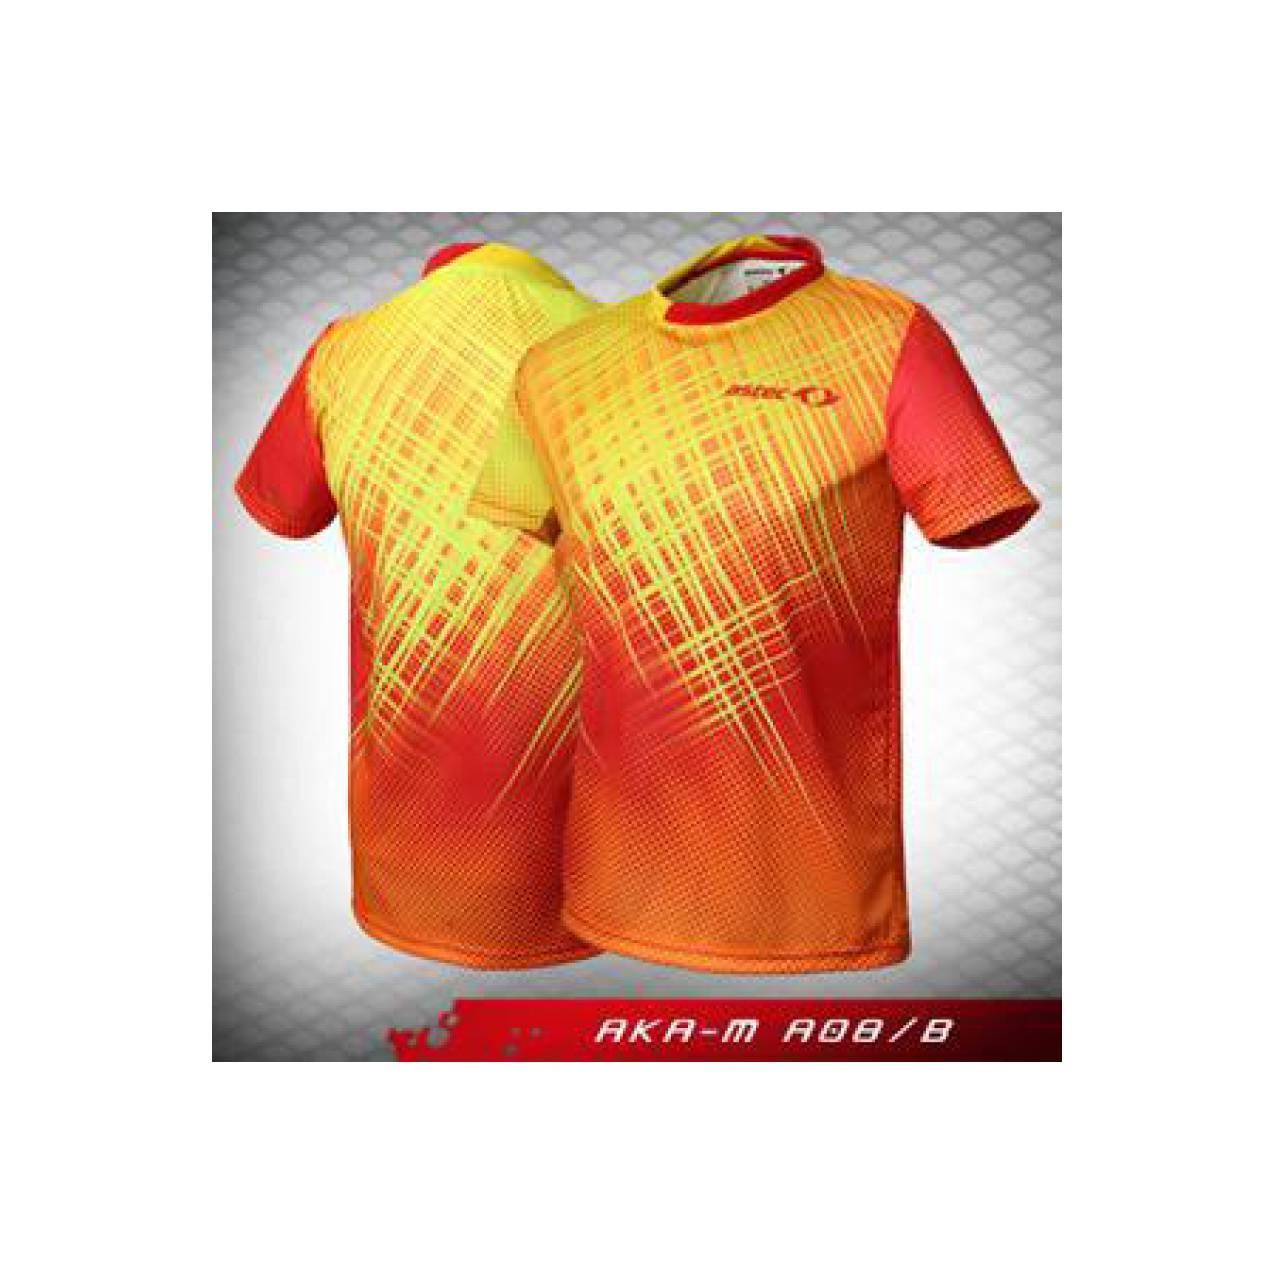 Jual Baju Badminton Bulutangkis Astec AKA M A08/B Baru | Baju Kaos B